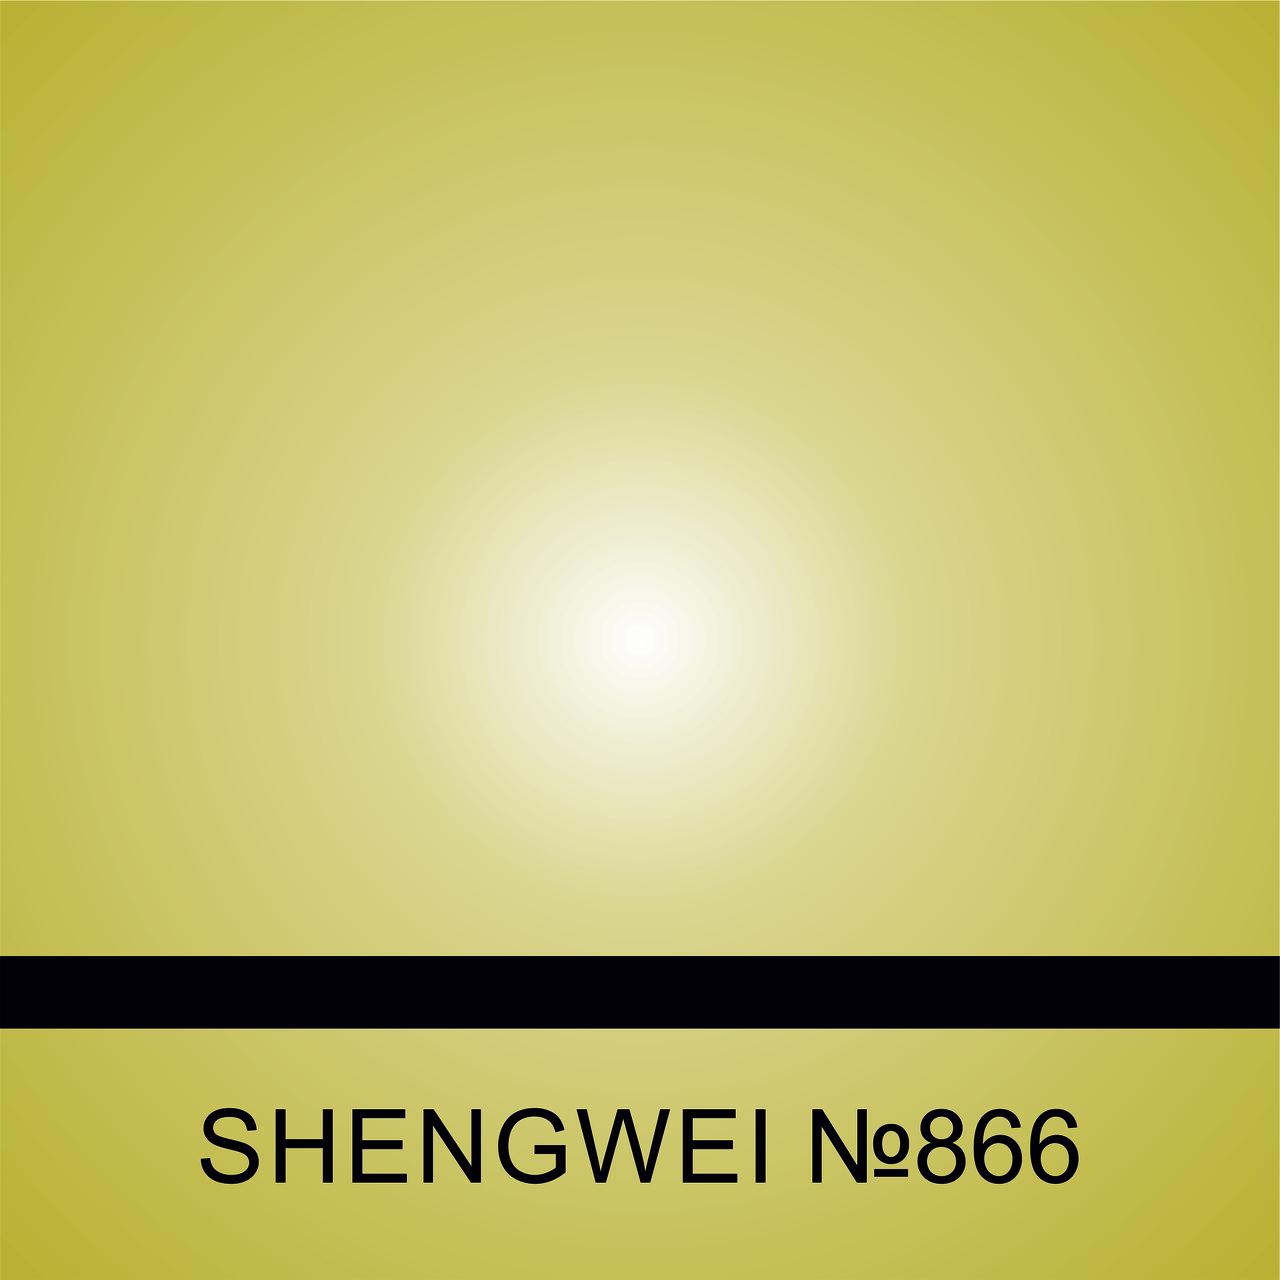 Пластик для гравировки ЛАЗЕРНАЯ высокого качества (глянцевое золото/черный)